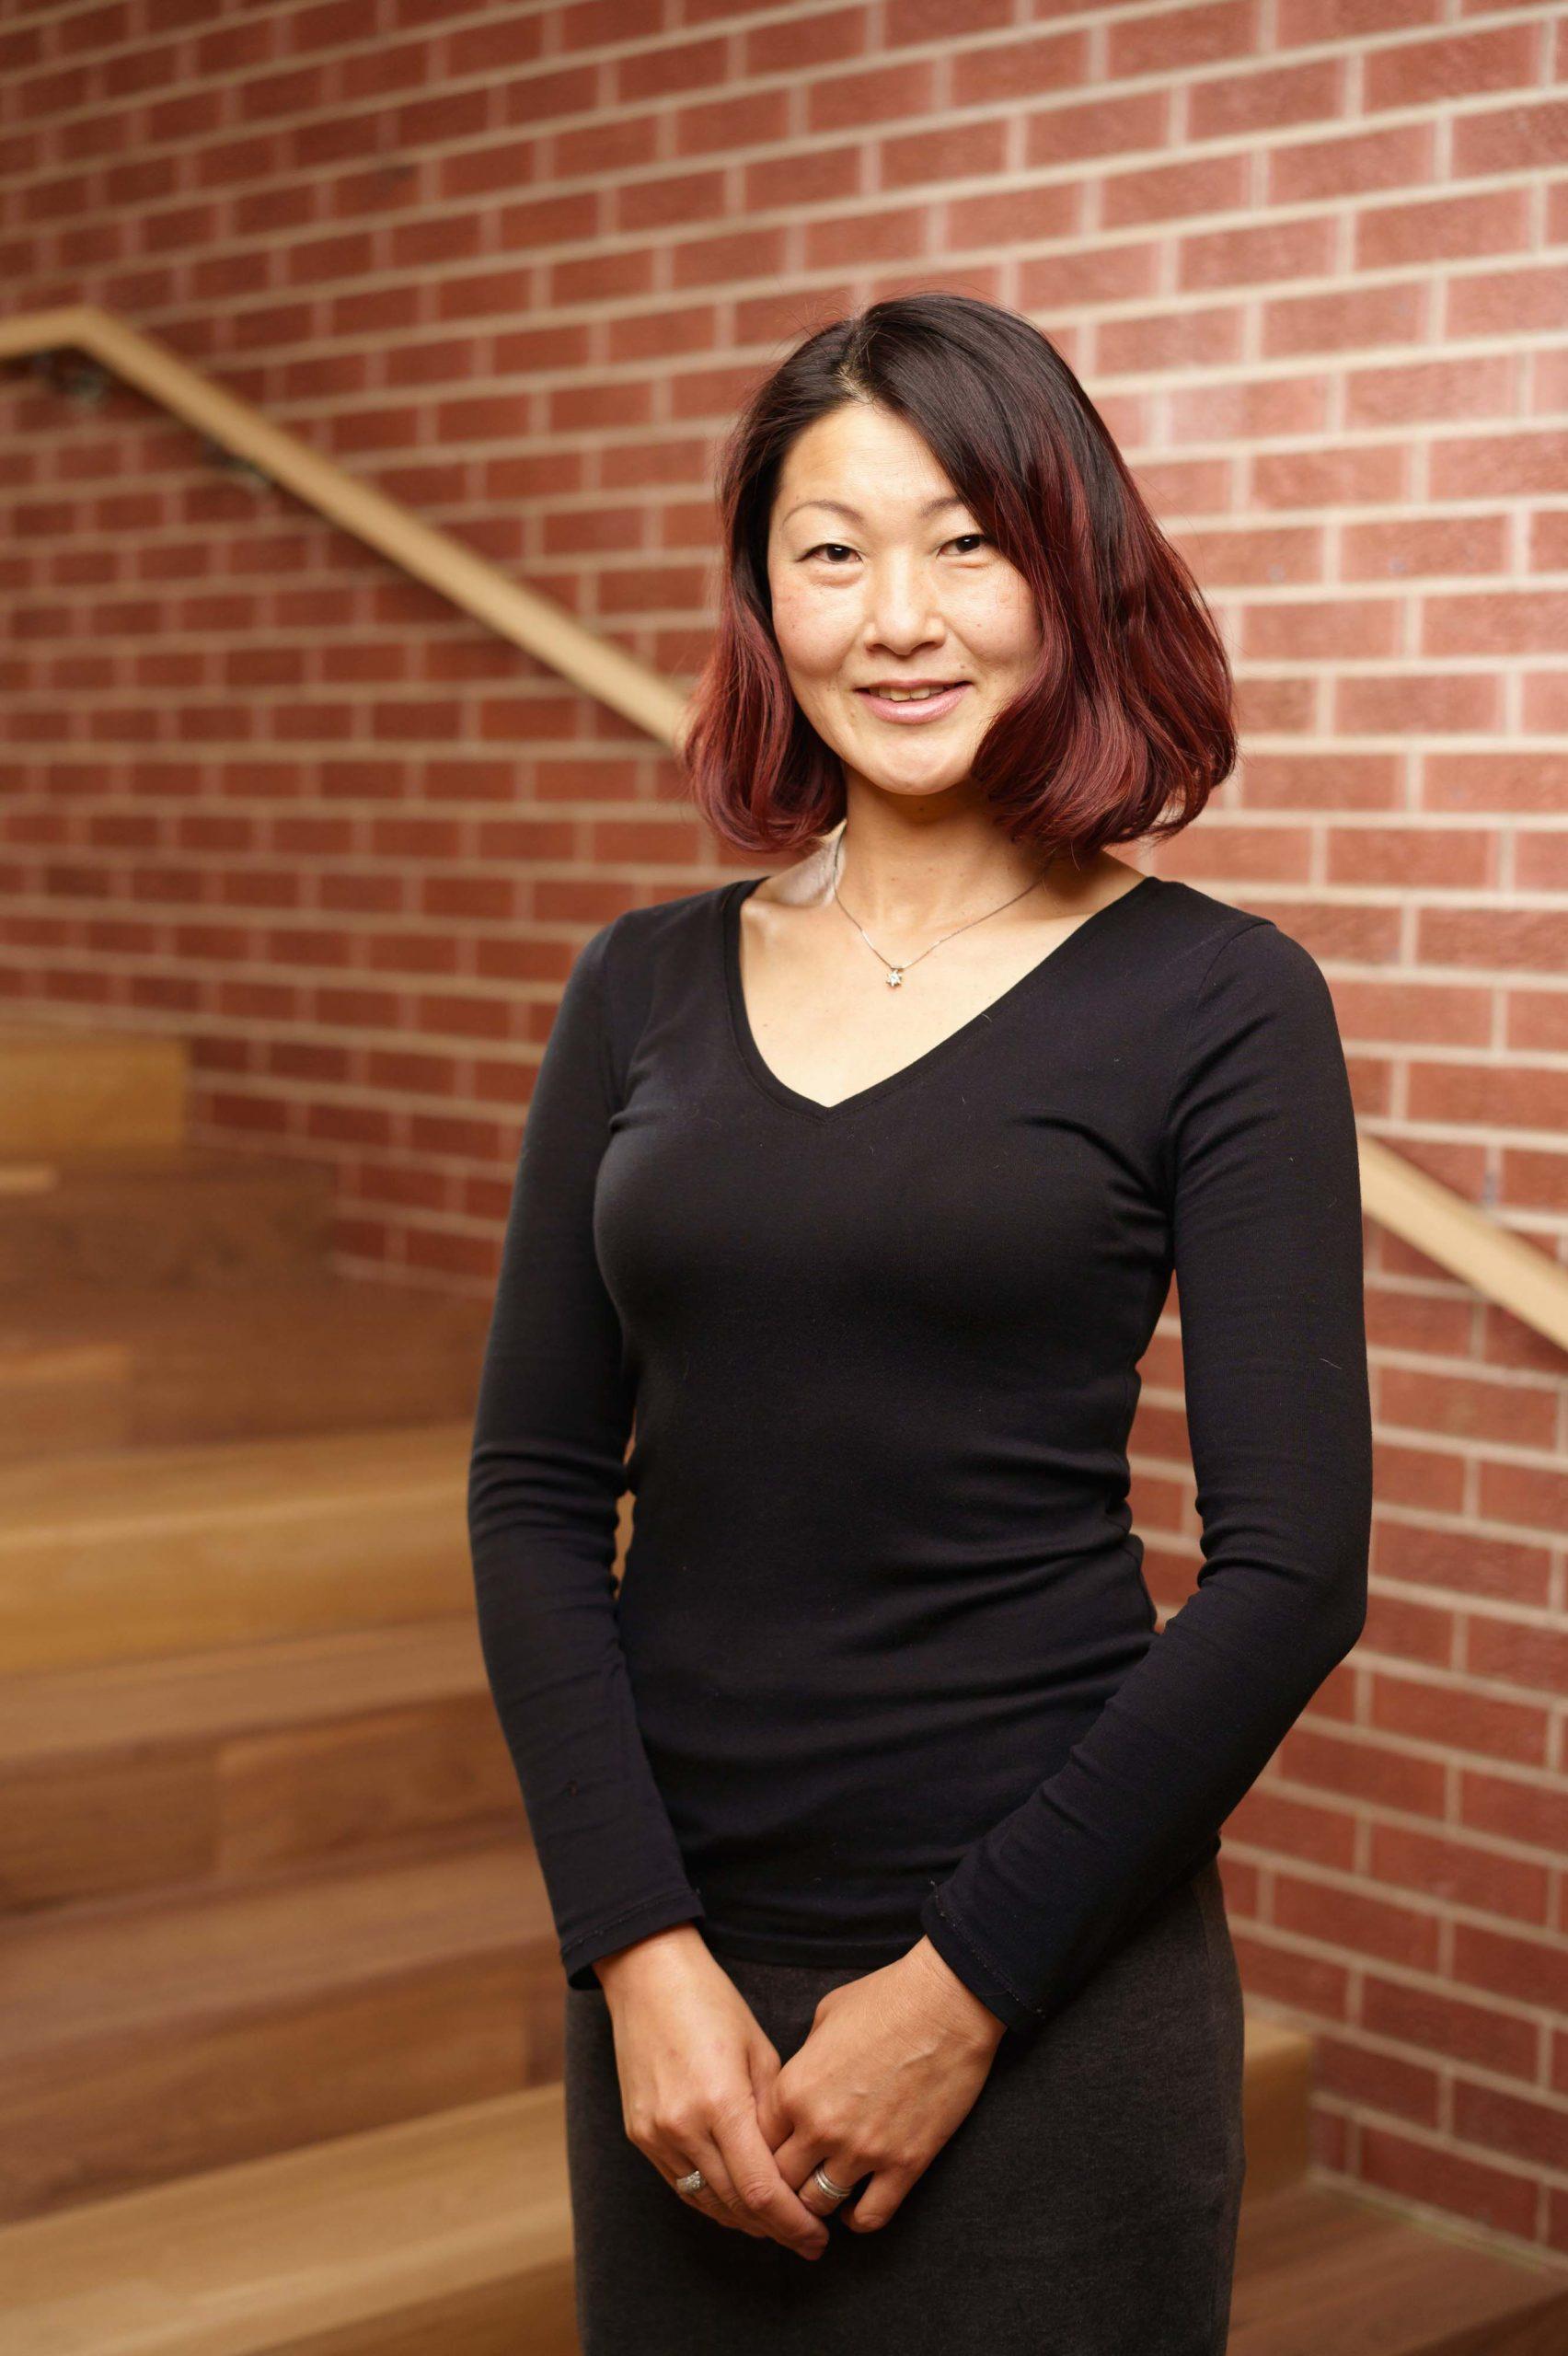 Aya Ishikawa headshot